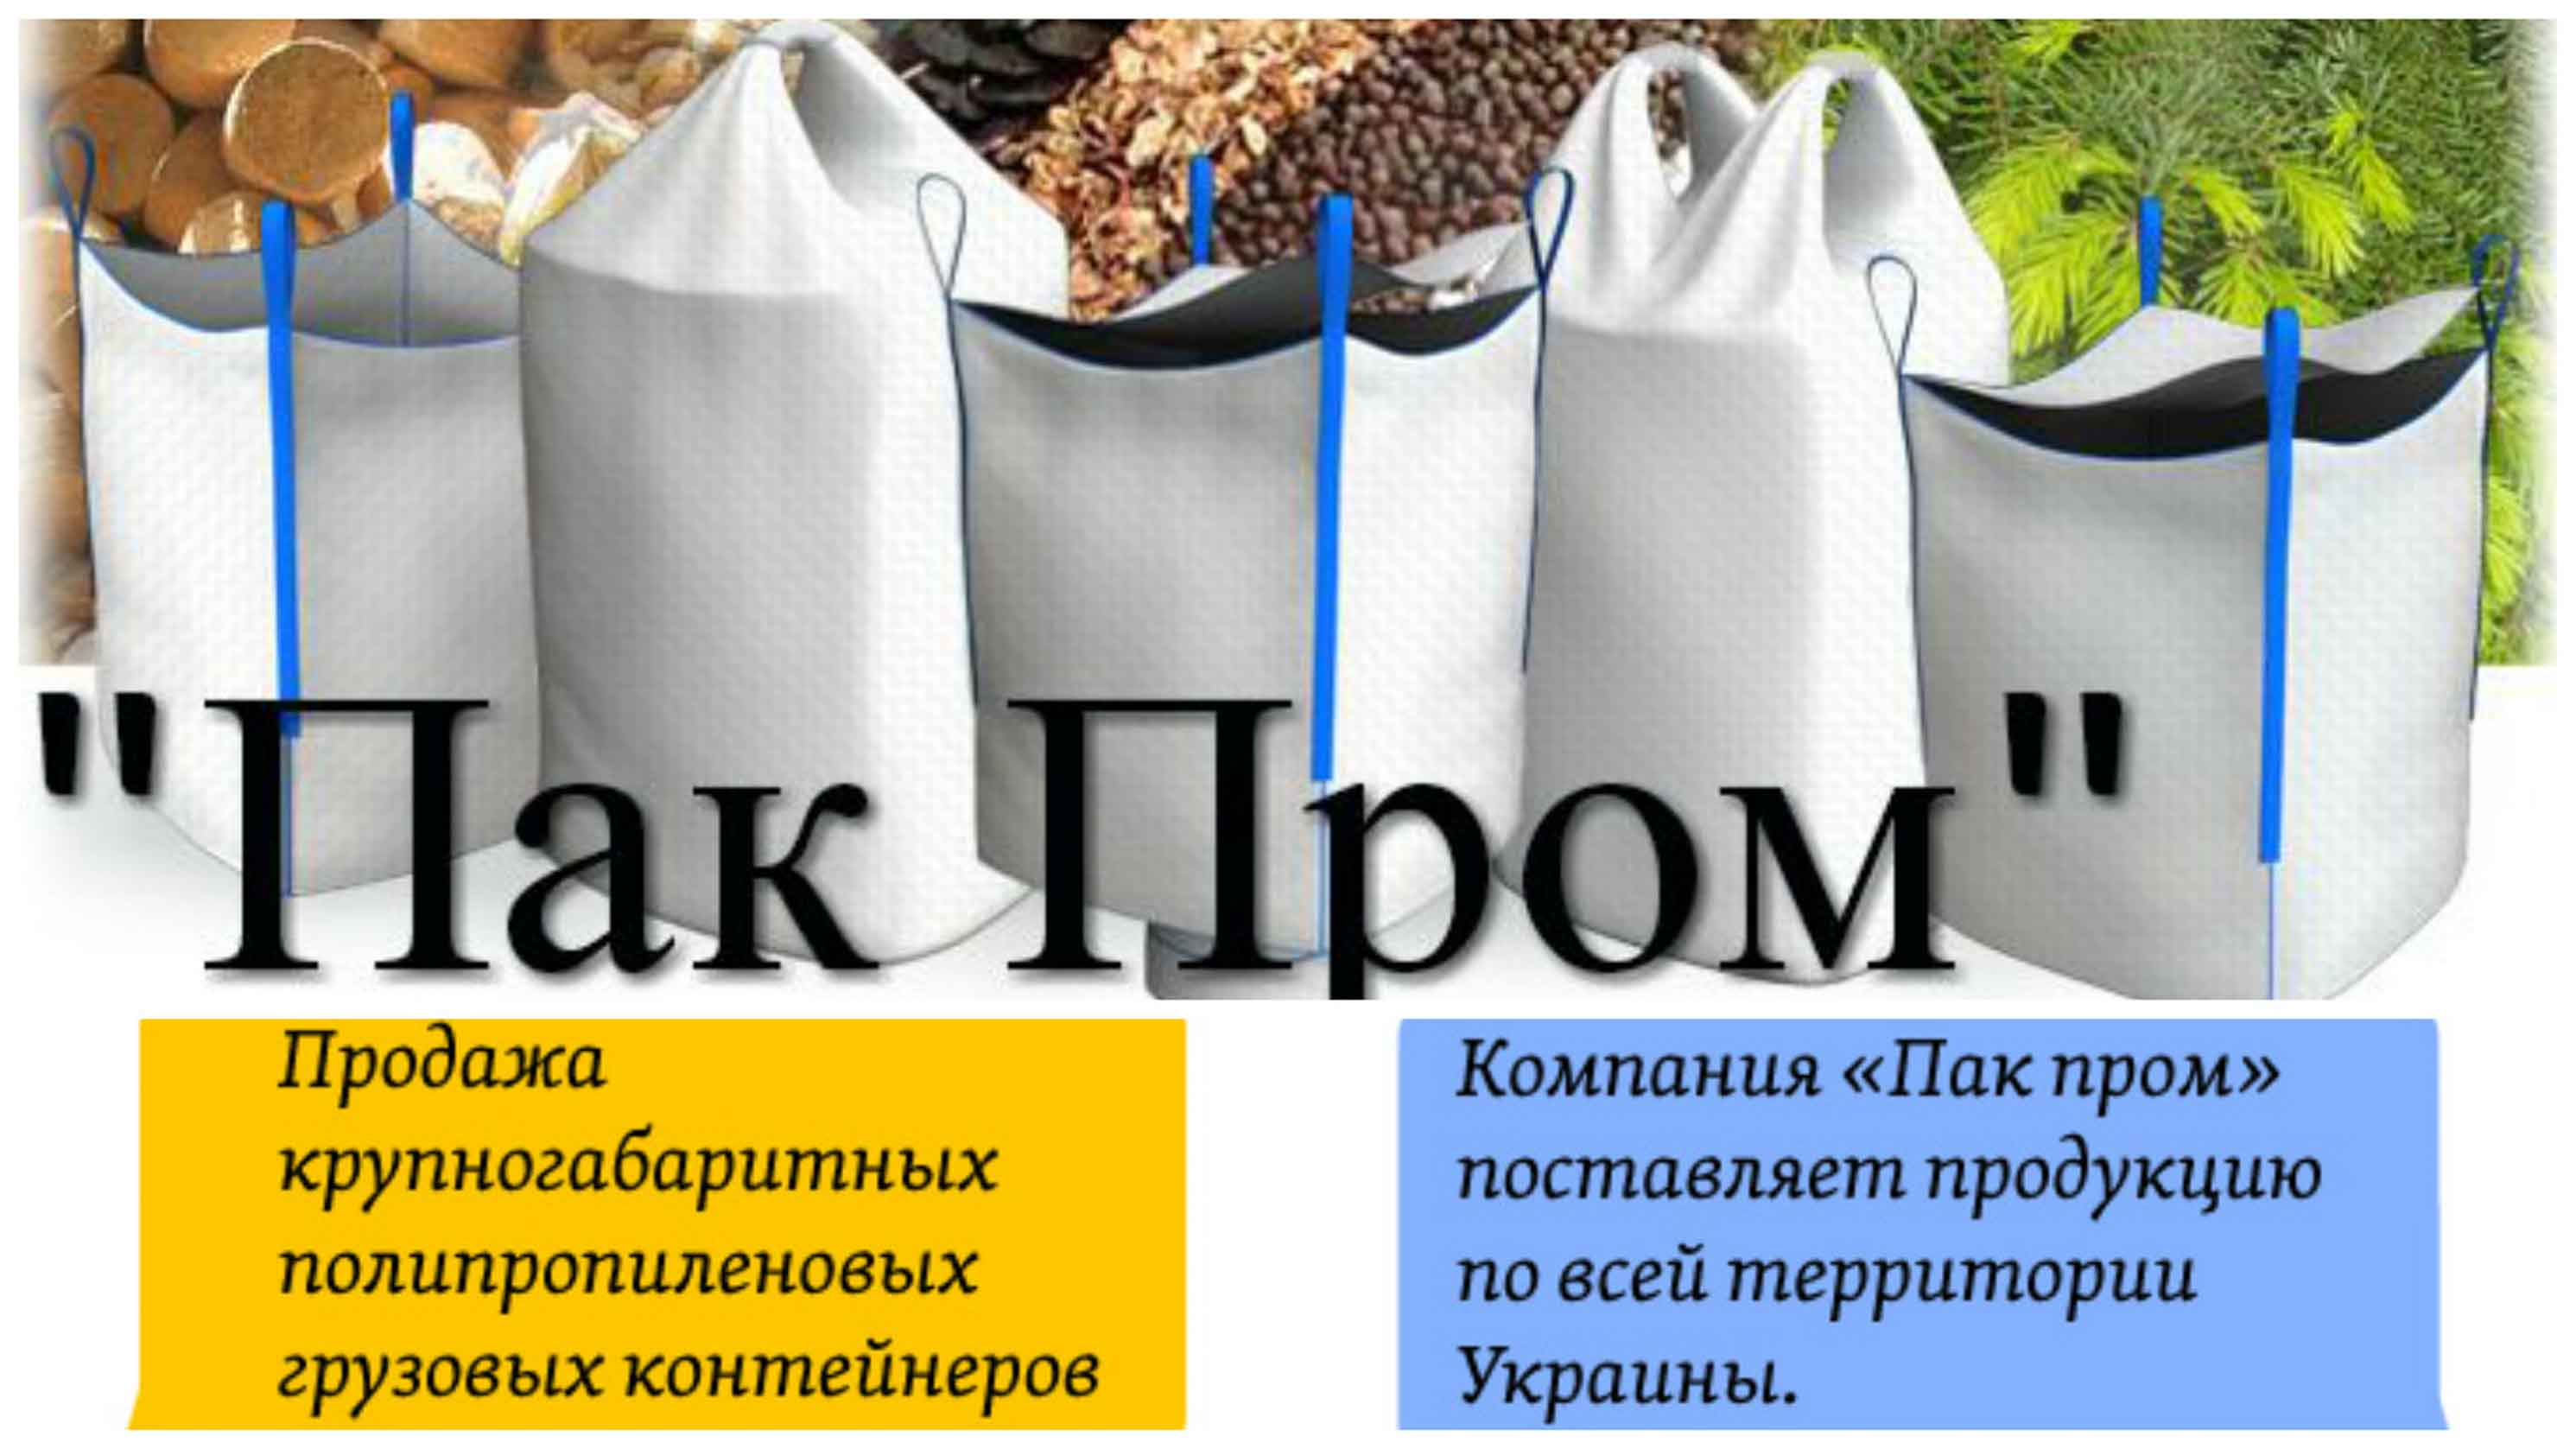 Купить биг беги Харьков. Недорого от производителя фото 1